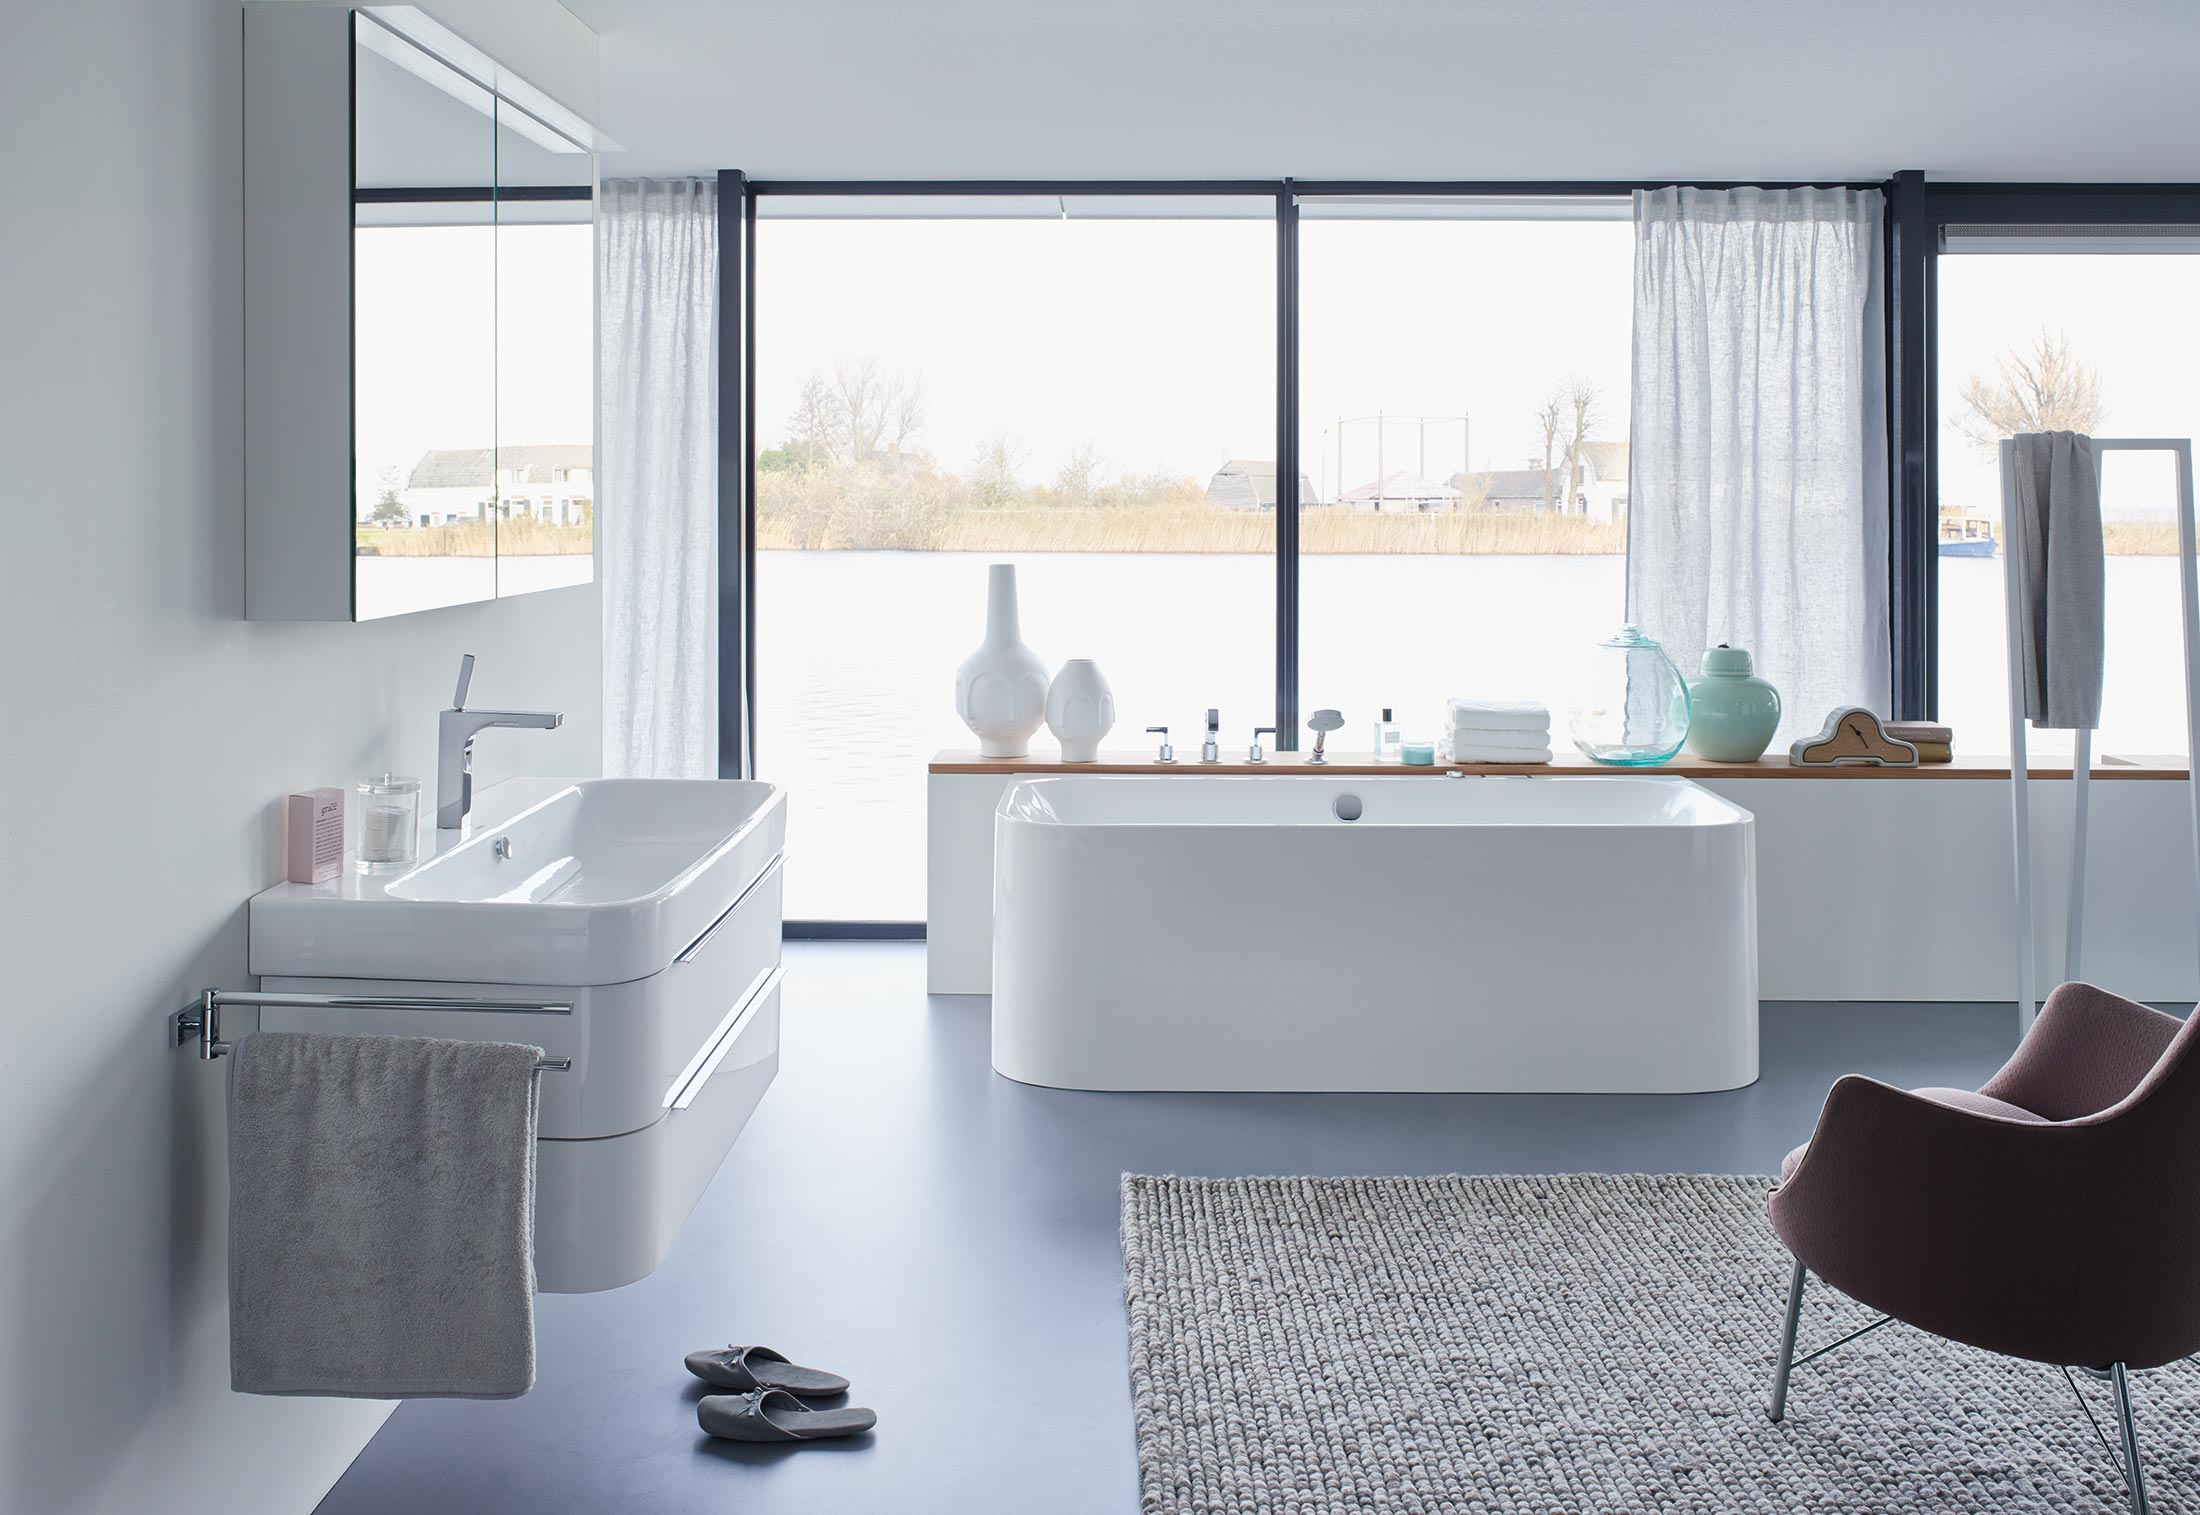 happy d. wanne vorwandversion von duravit | stylepark, Badezimmer ideen